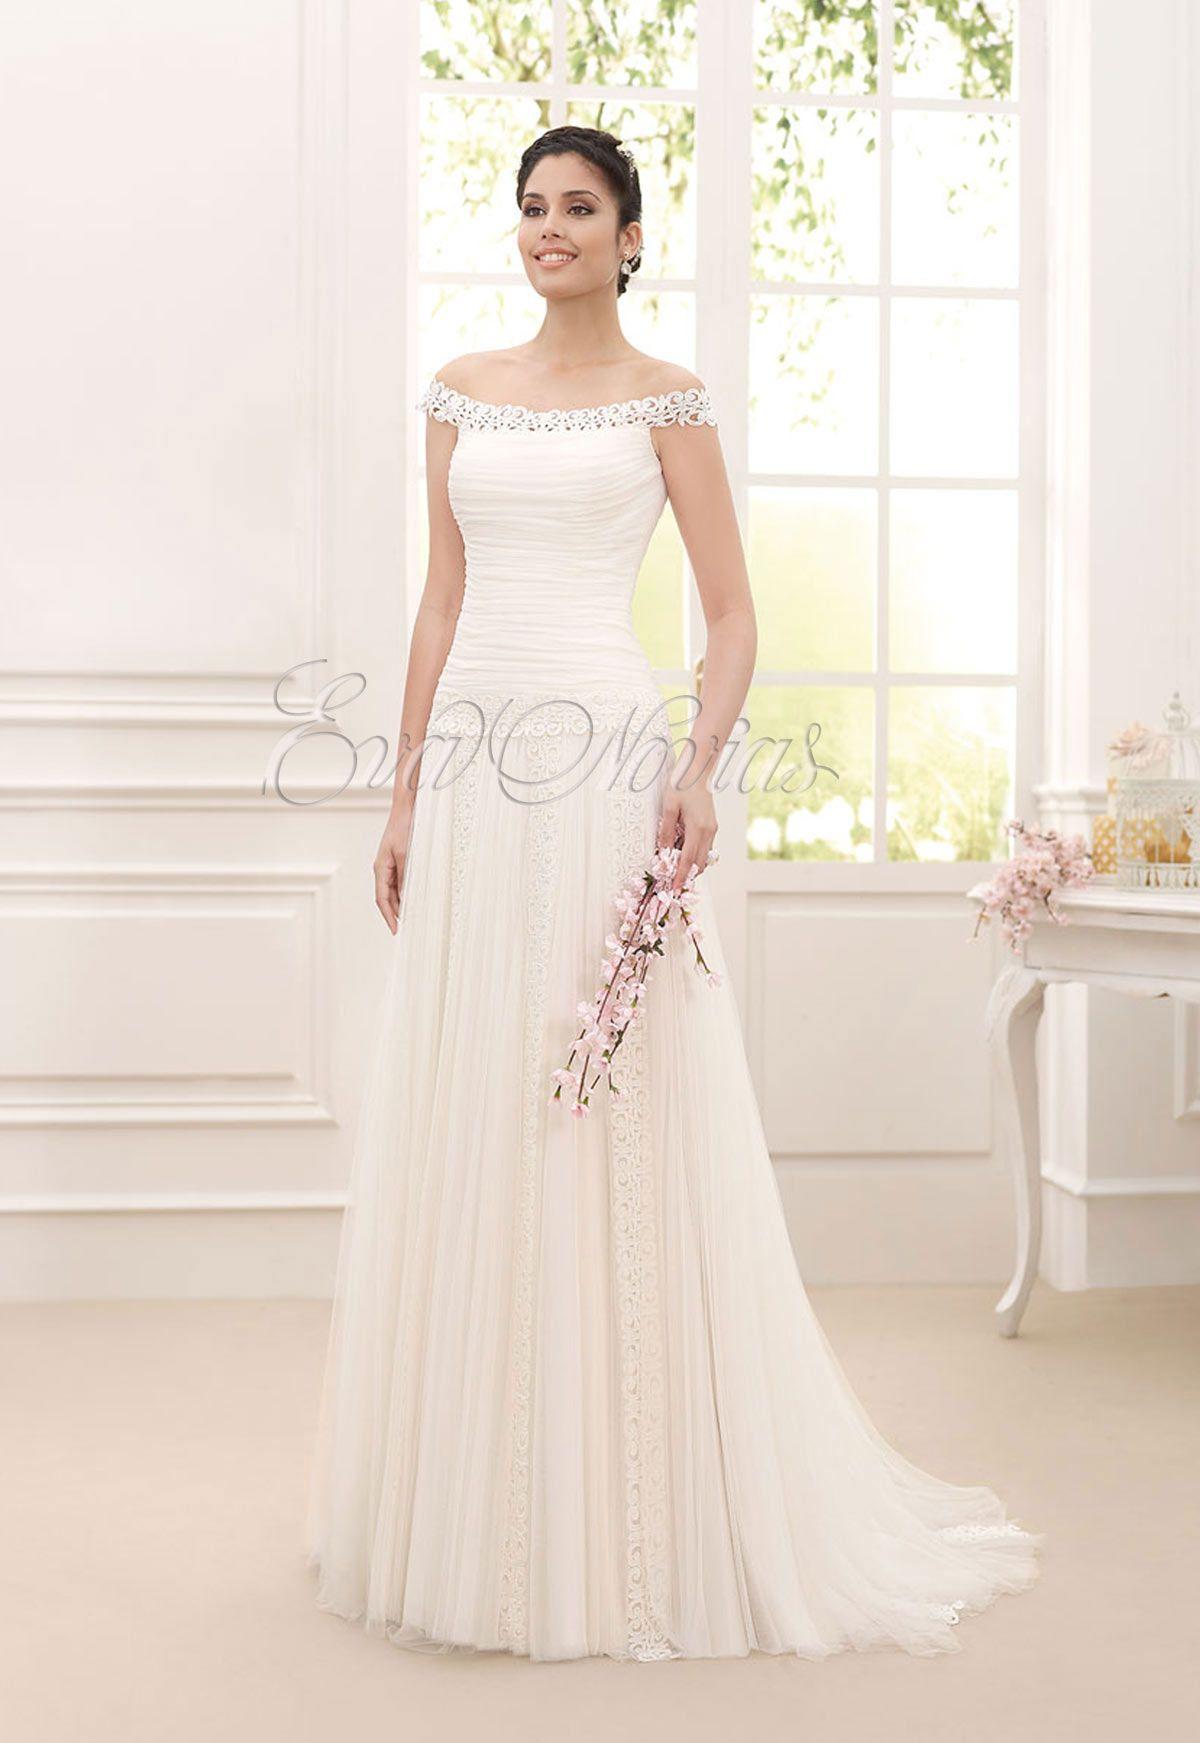 3a6c2e49dc Vestido de novia Novia Dart 2016 Modelo Rabat en Eva Novias Madrid.   weddingdress  vestido  novia  fashionbridal  modanupcial  boda